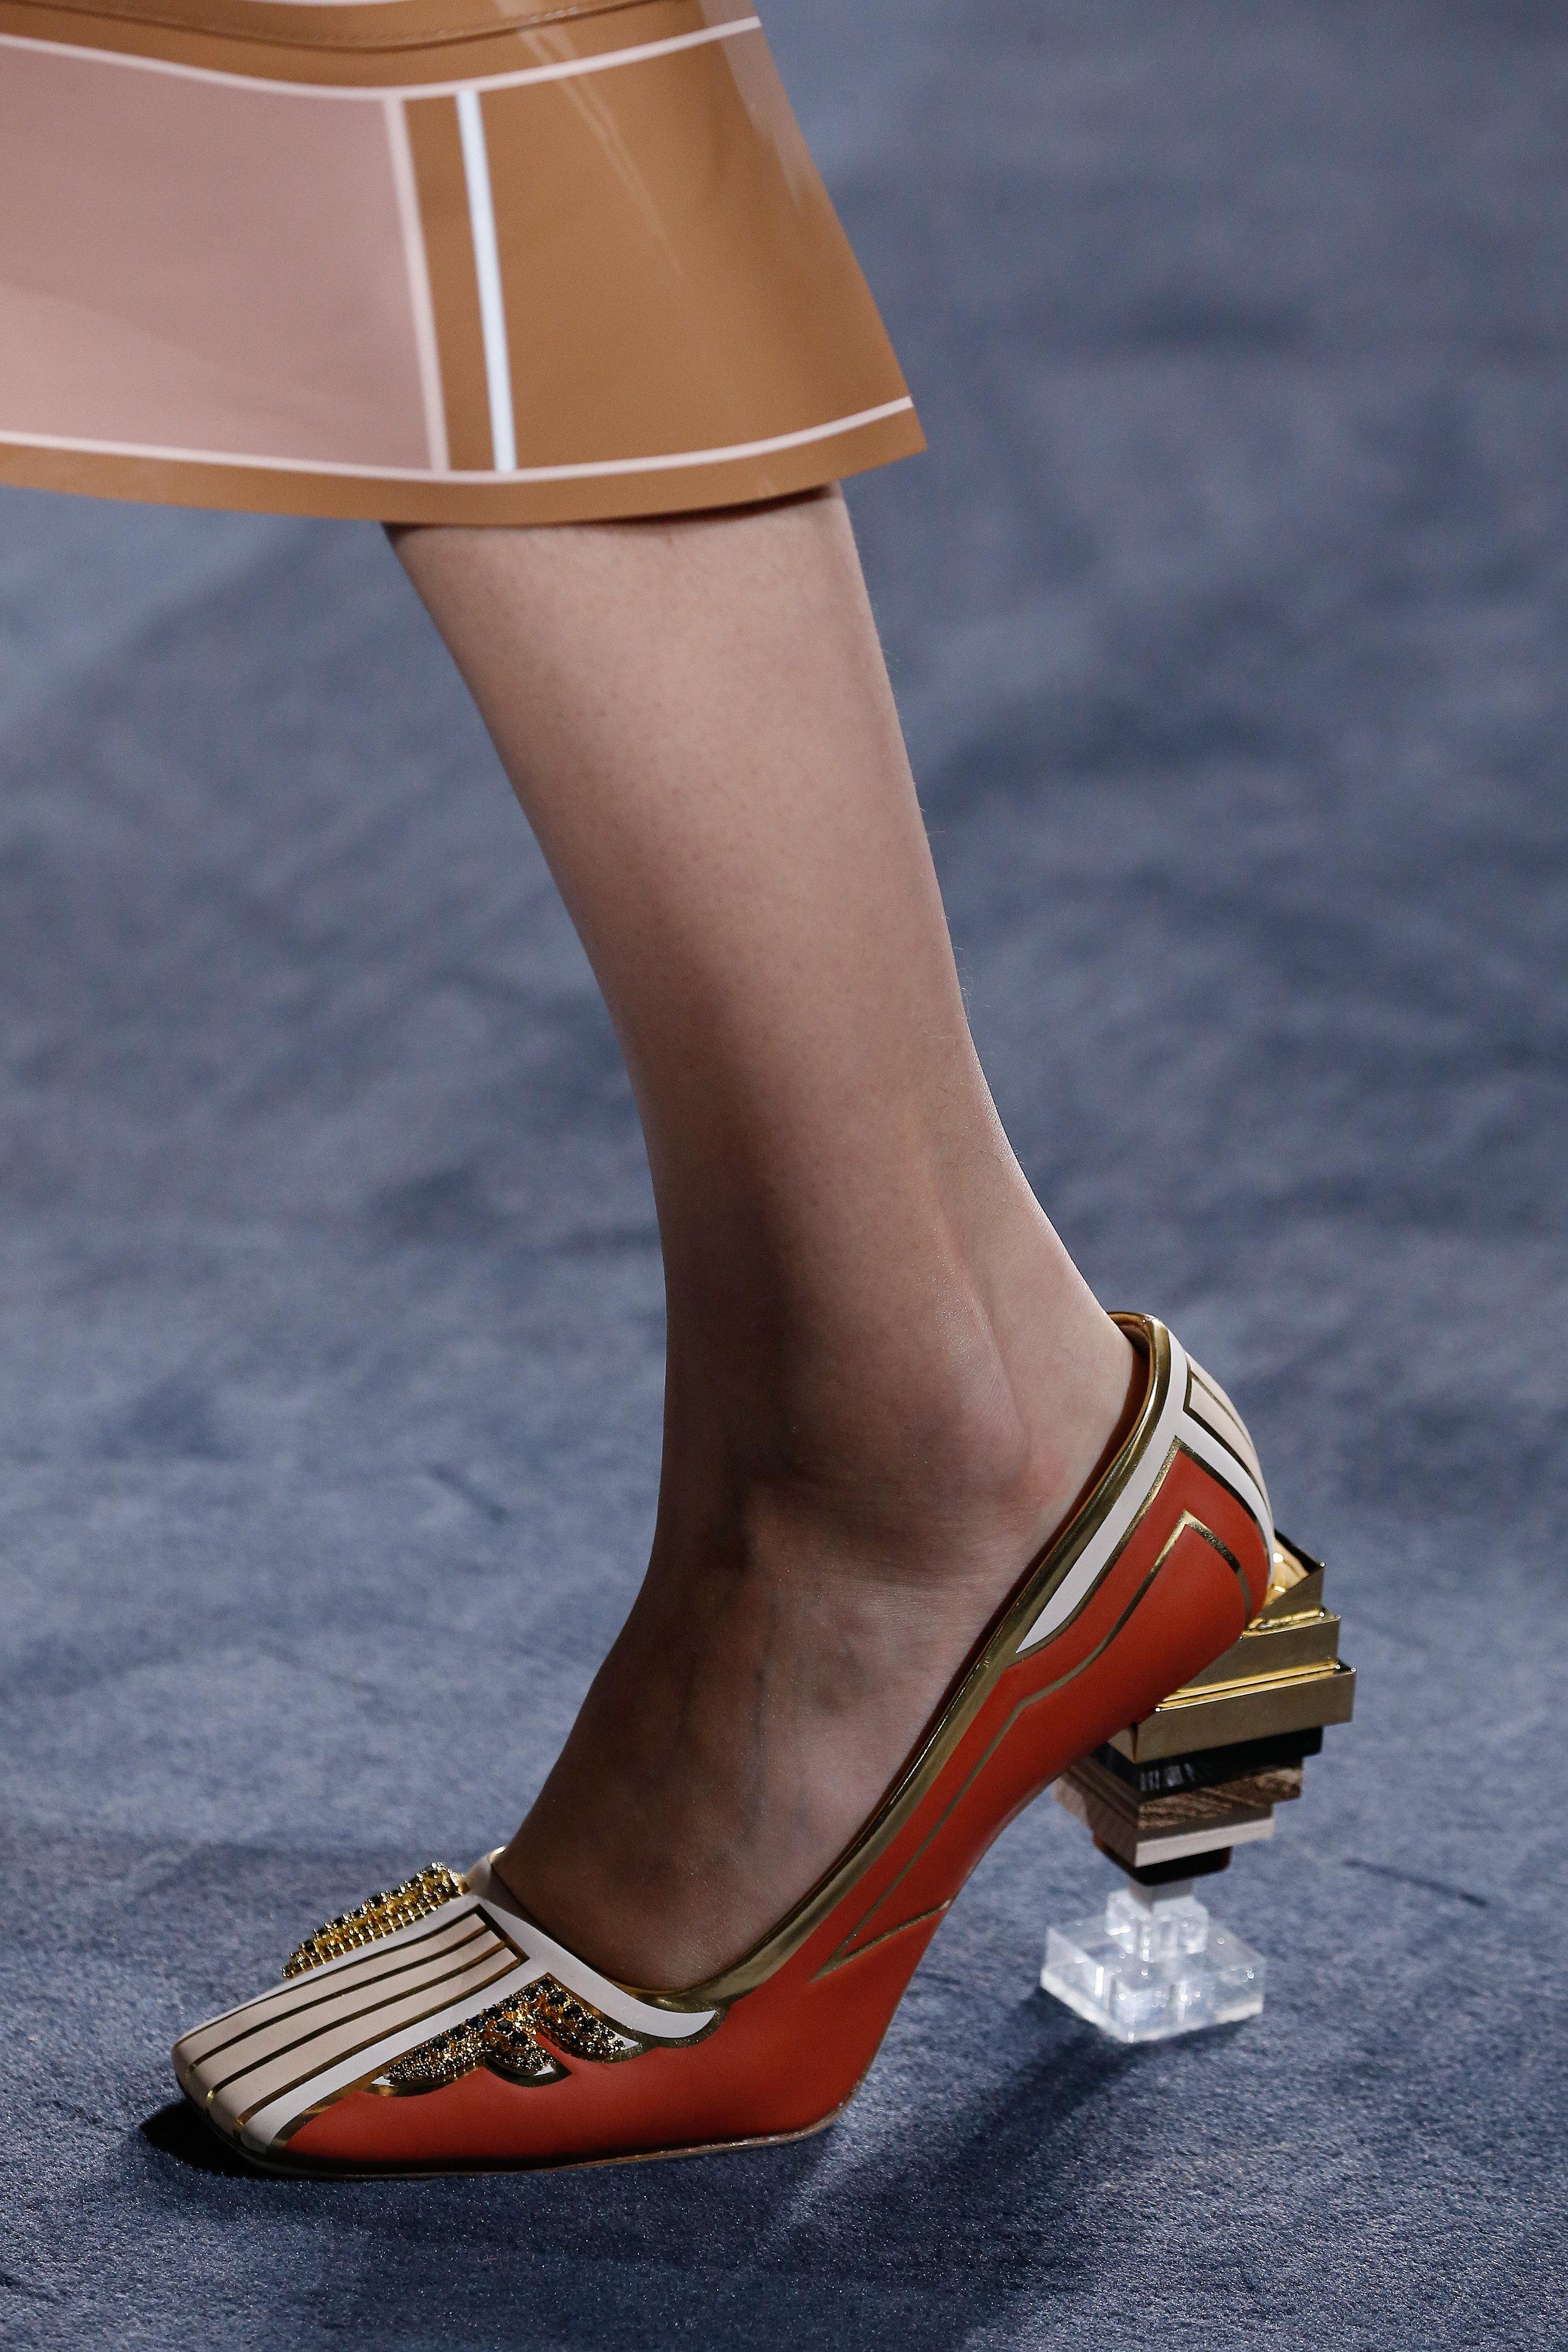 Fendi Couture Close-Up-16.jpg